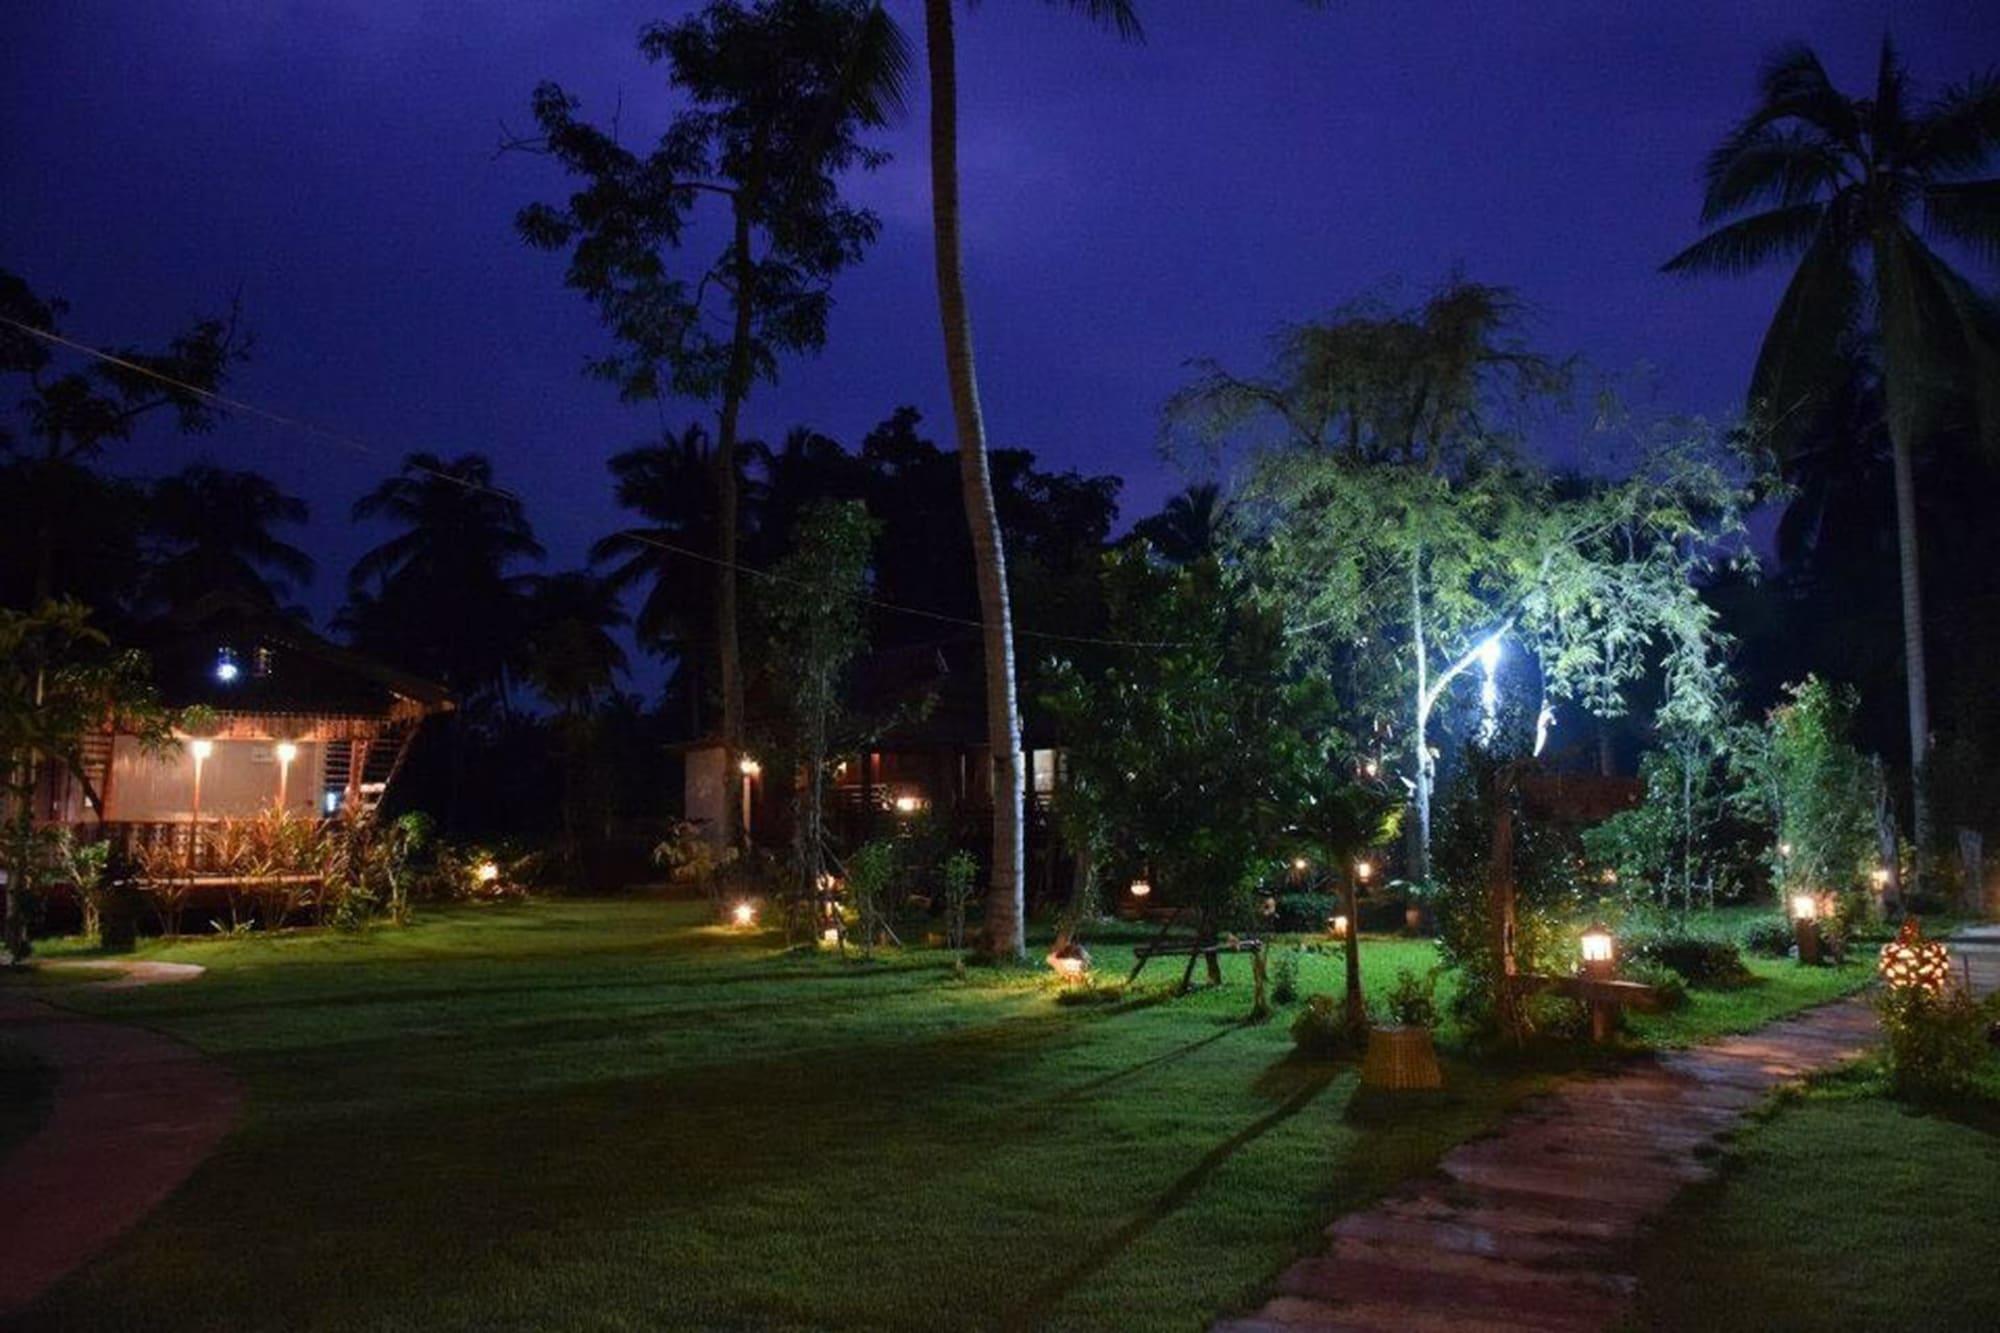 Reuanmai Onanong, Amphawa